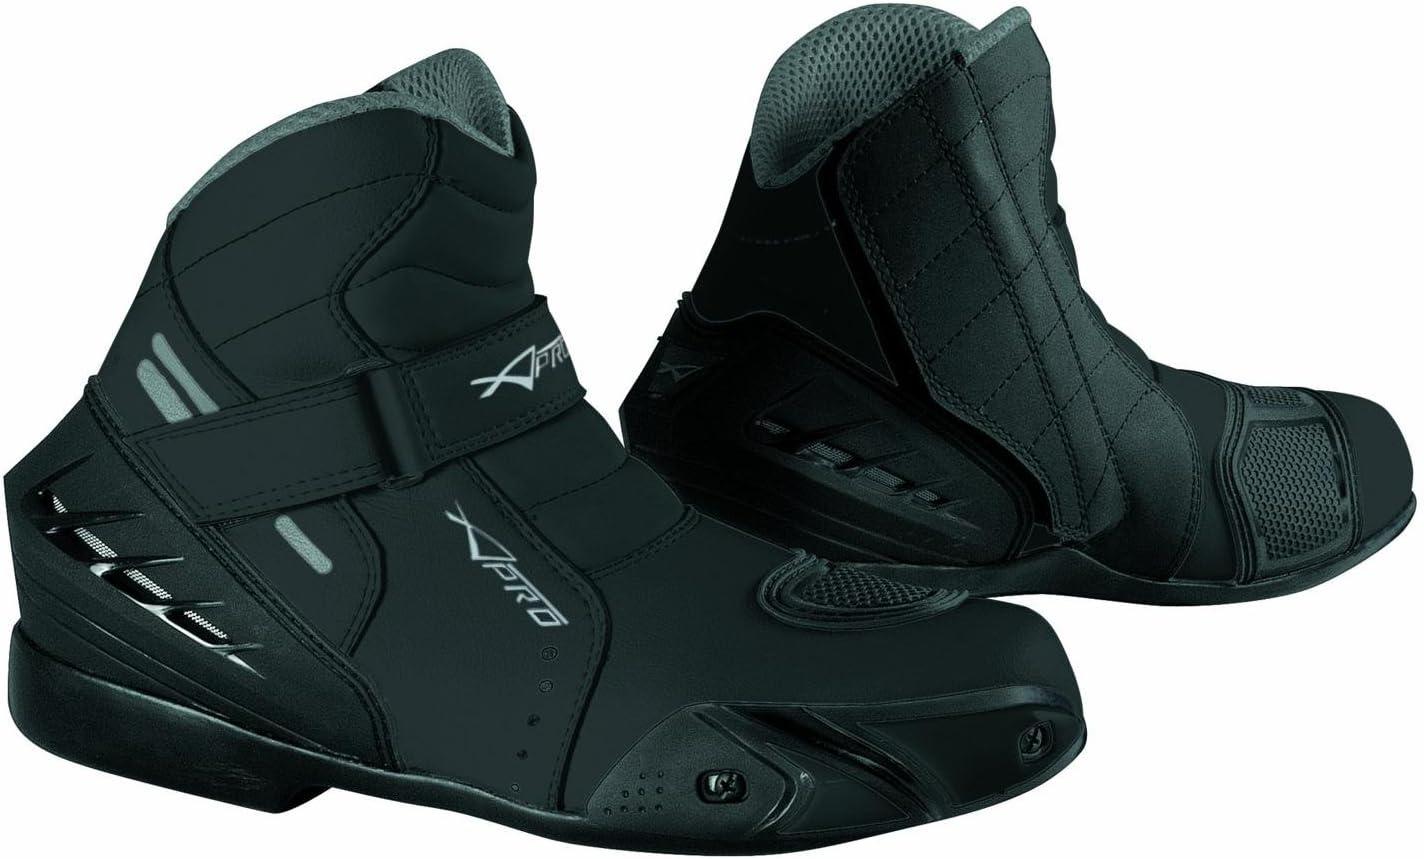 Chaussures Moto Motard Sport Touring Bottes Homme Renforc/és Bottines noir 43